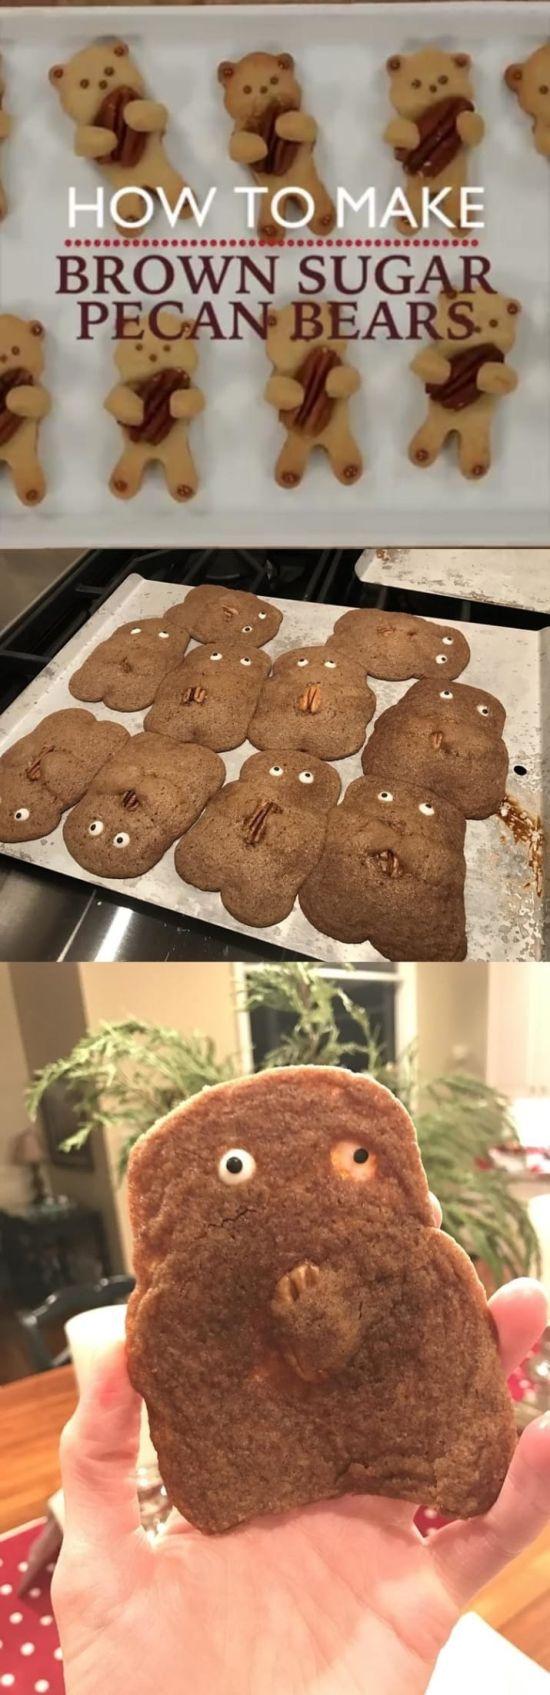 готовишь по рецепту